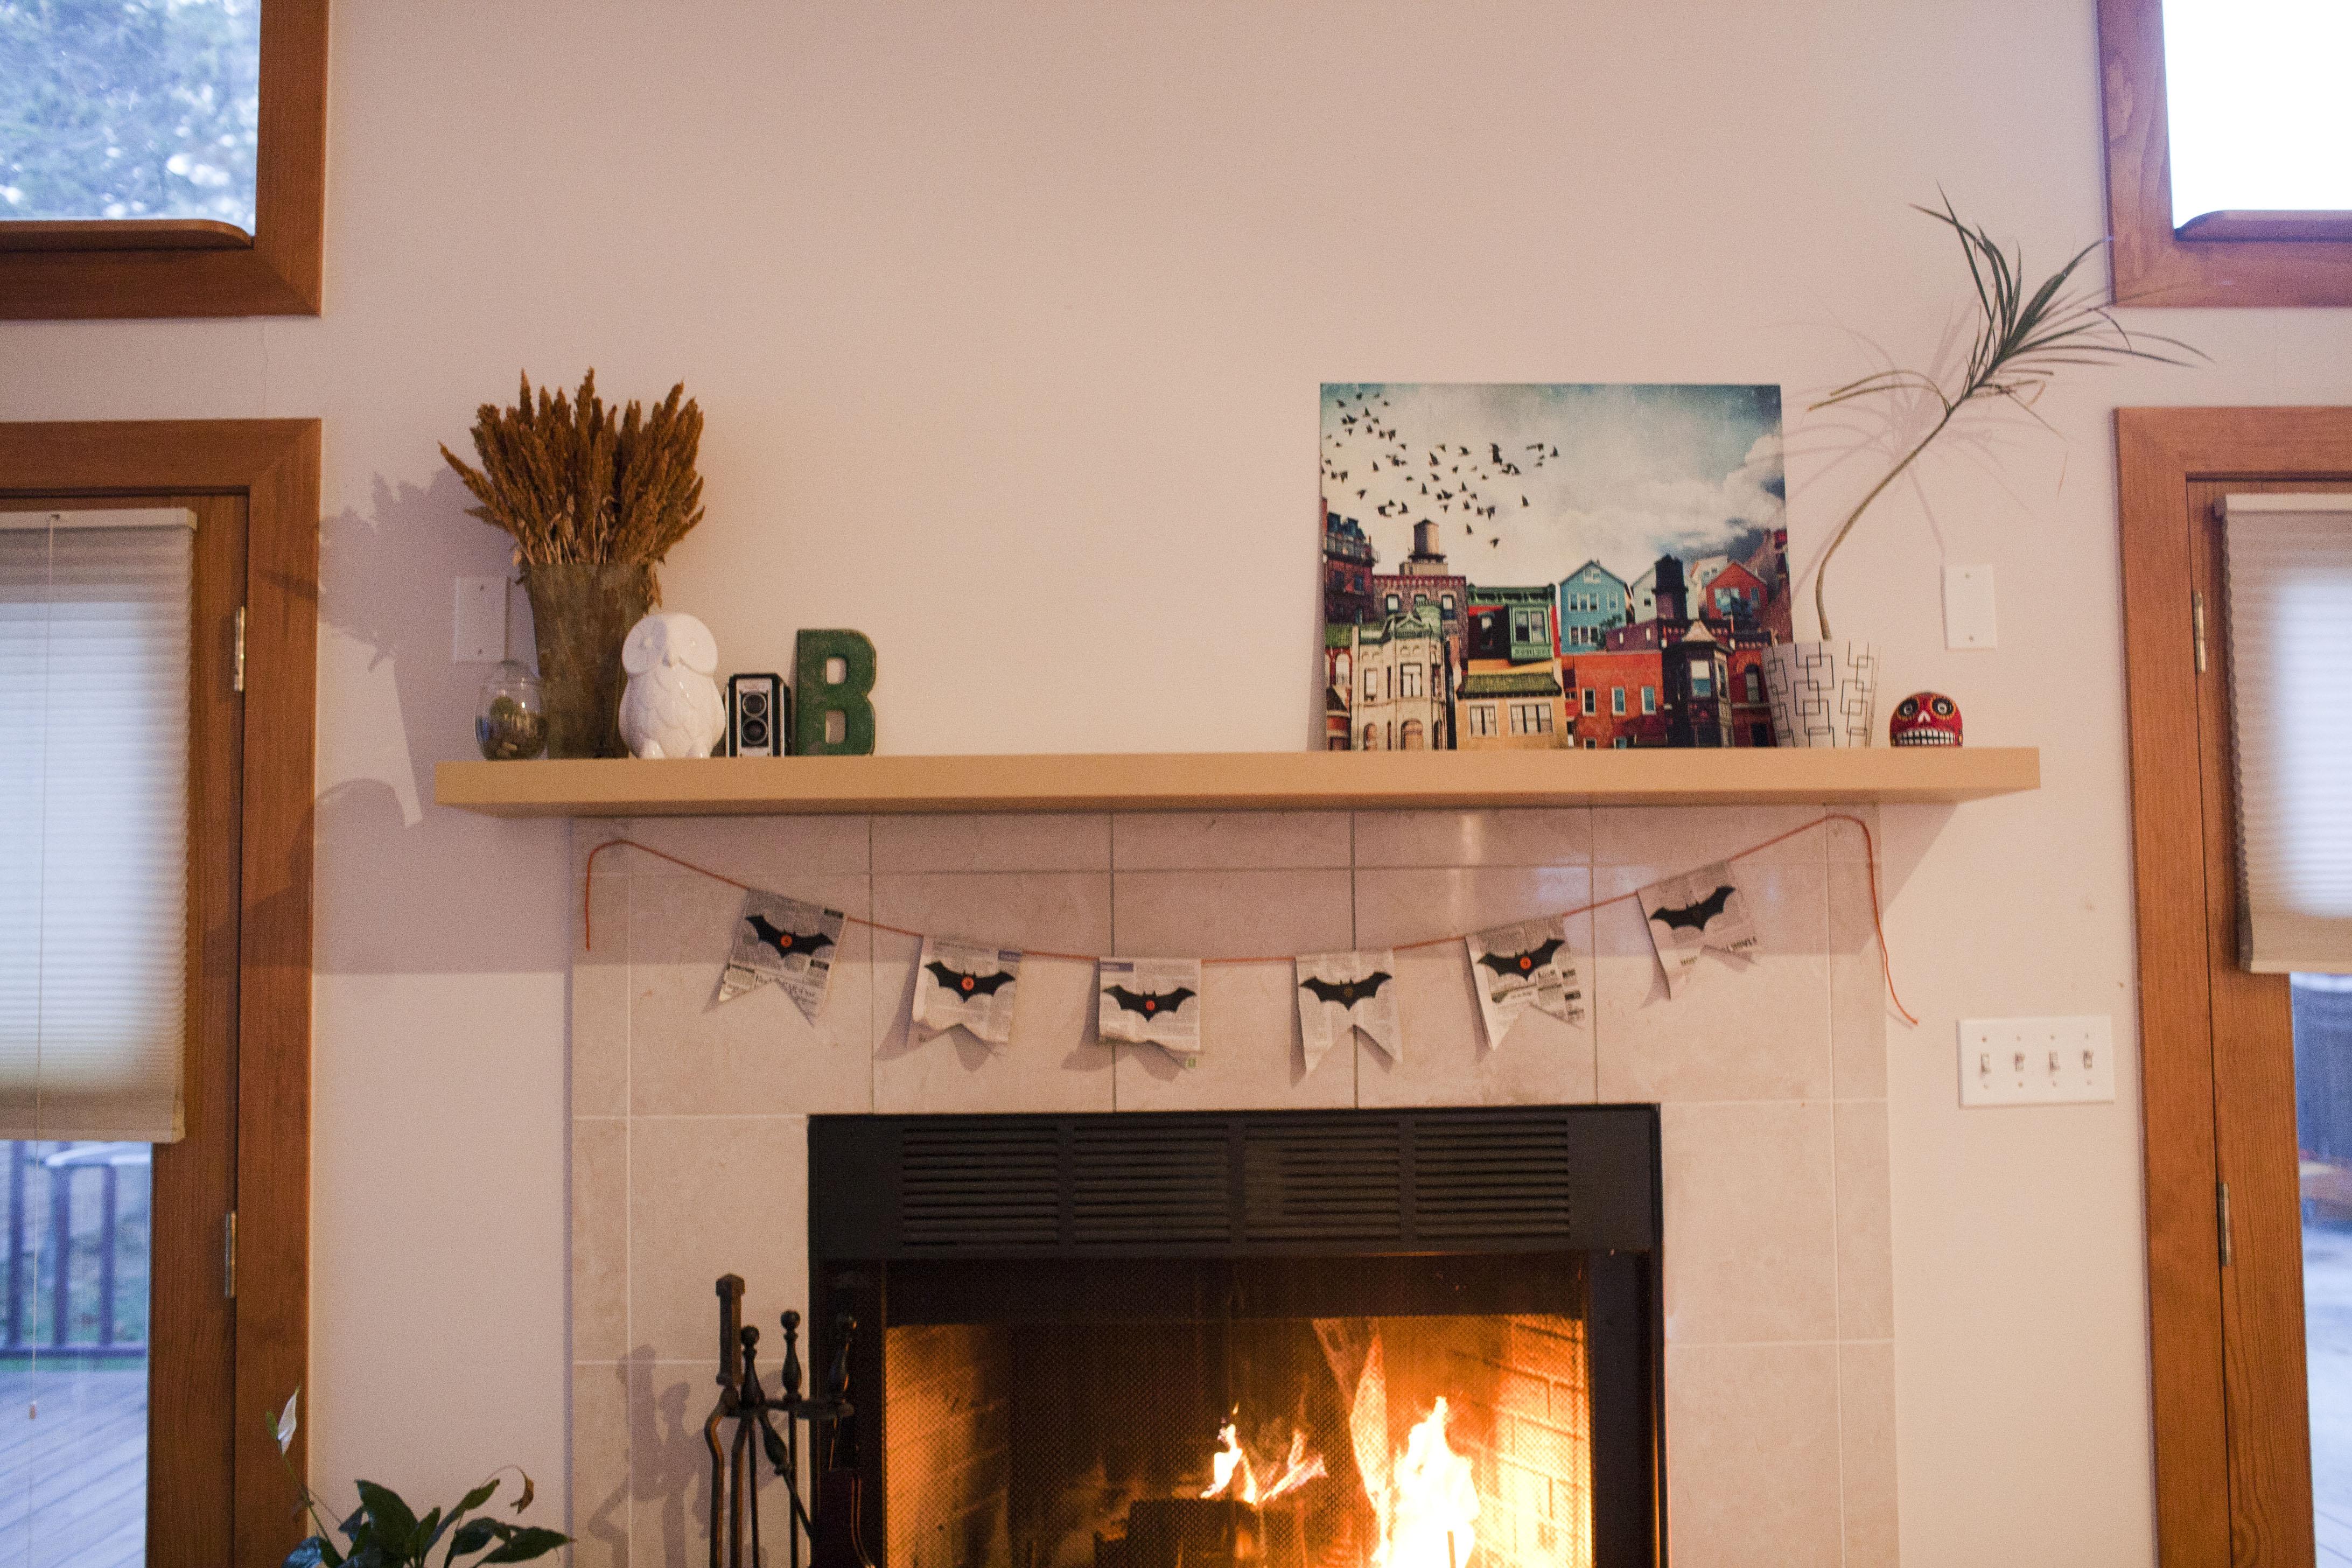 301 Fireplace Mantel Shelf Make Great